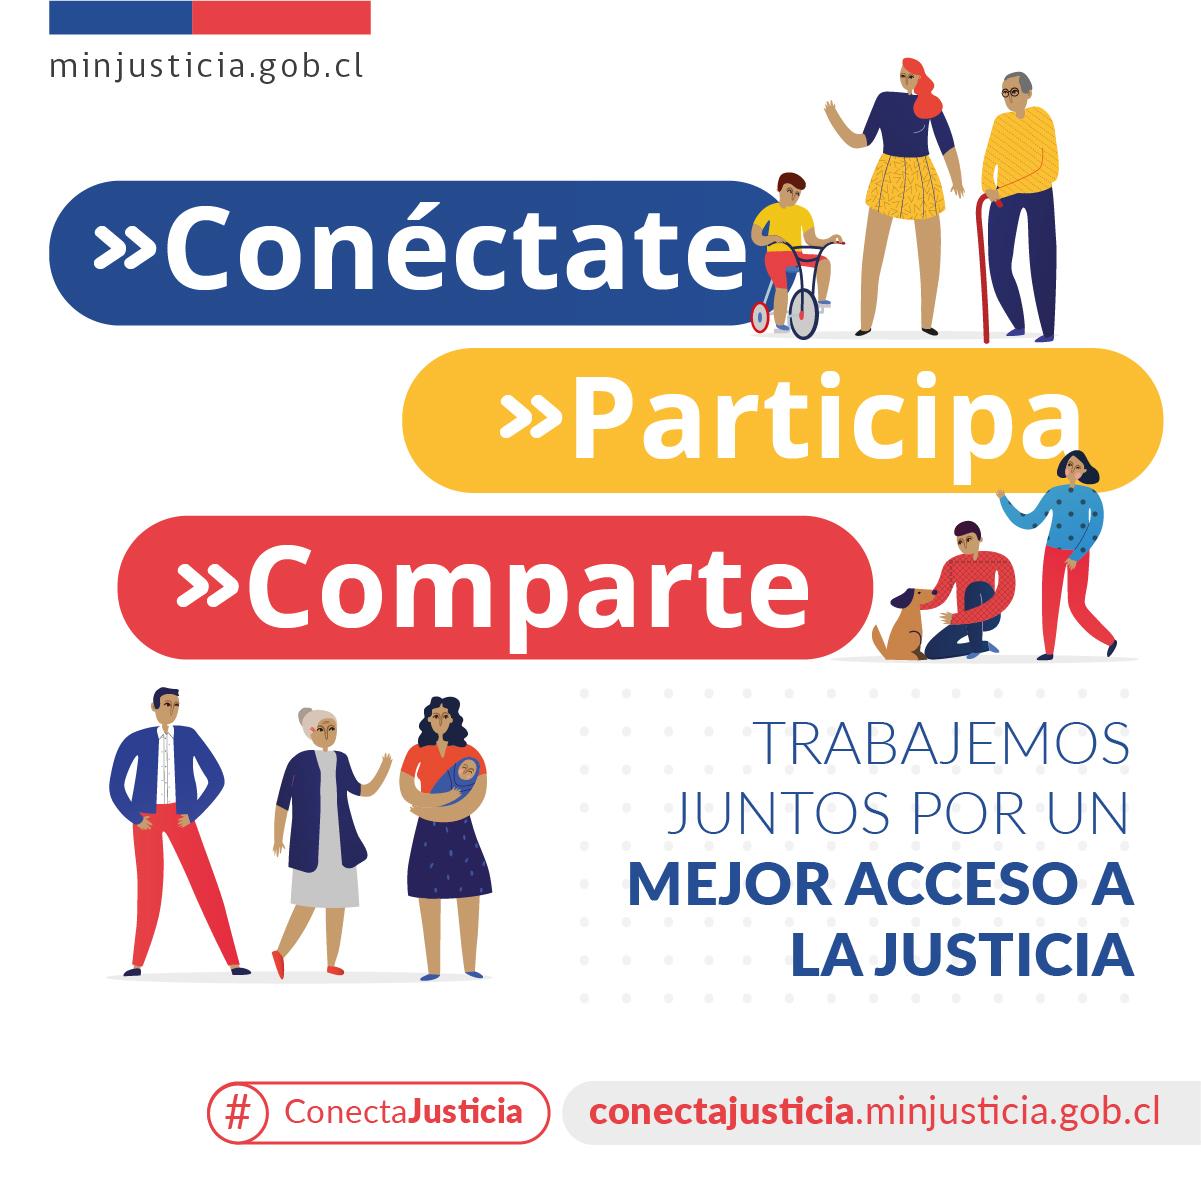 ConectaJusticia